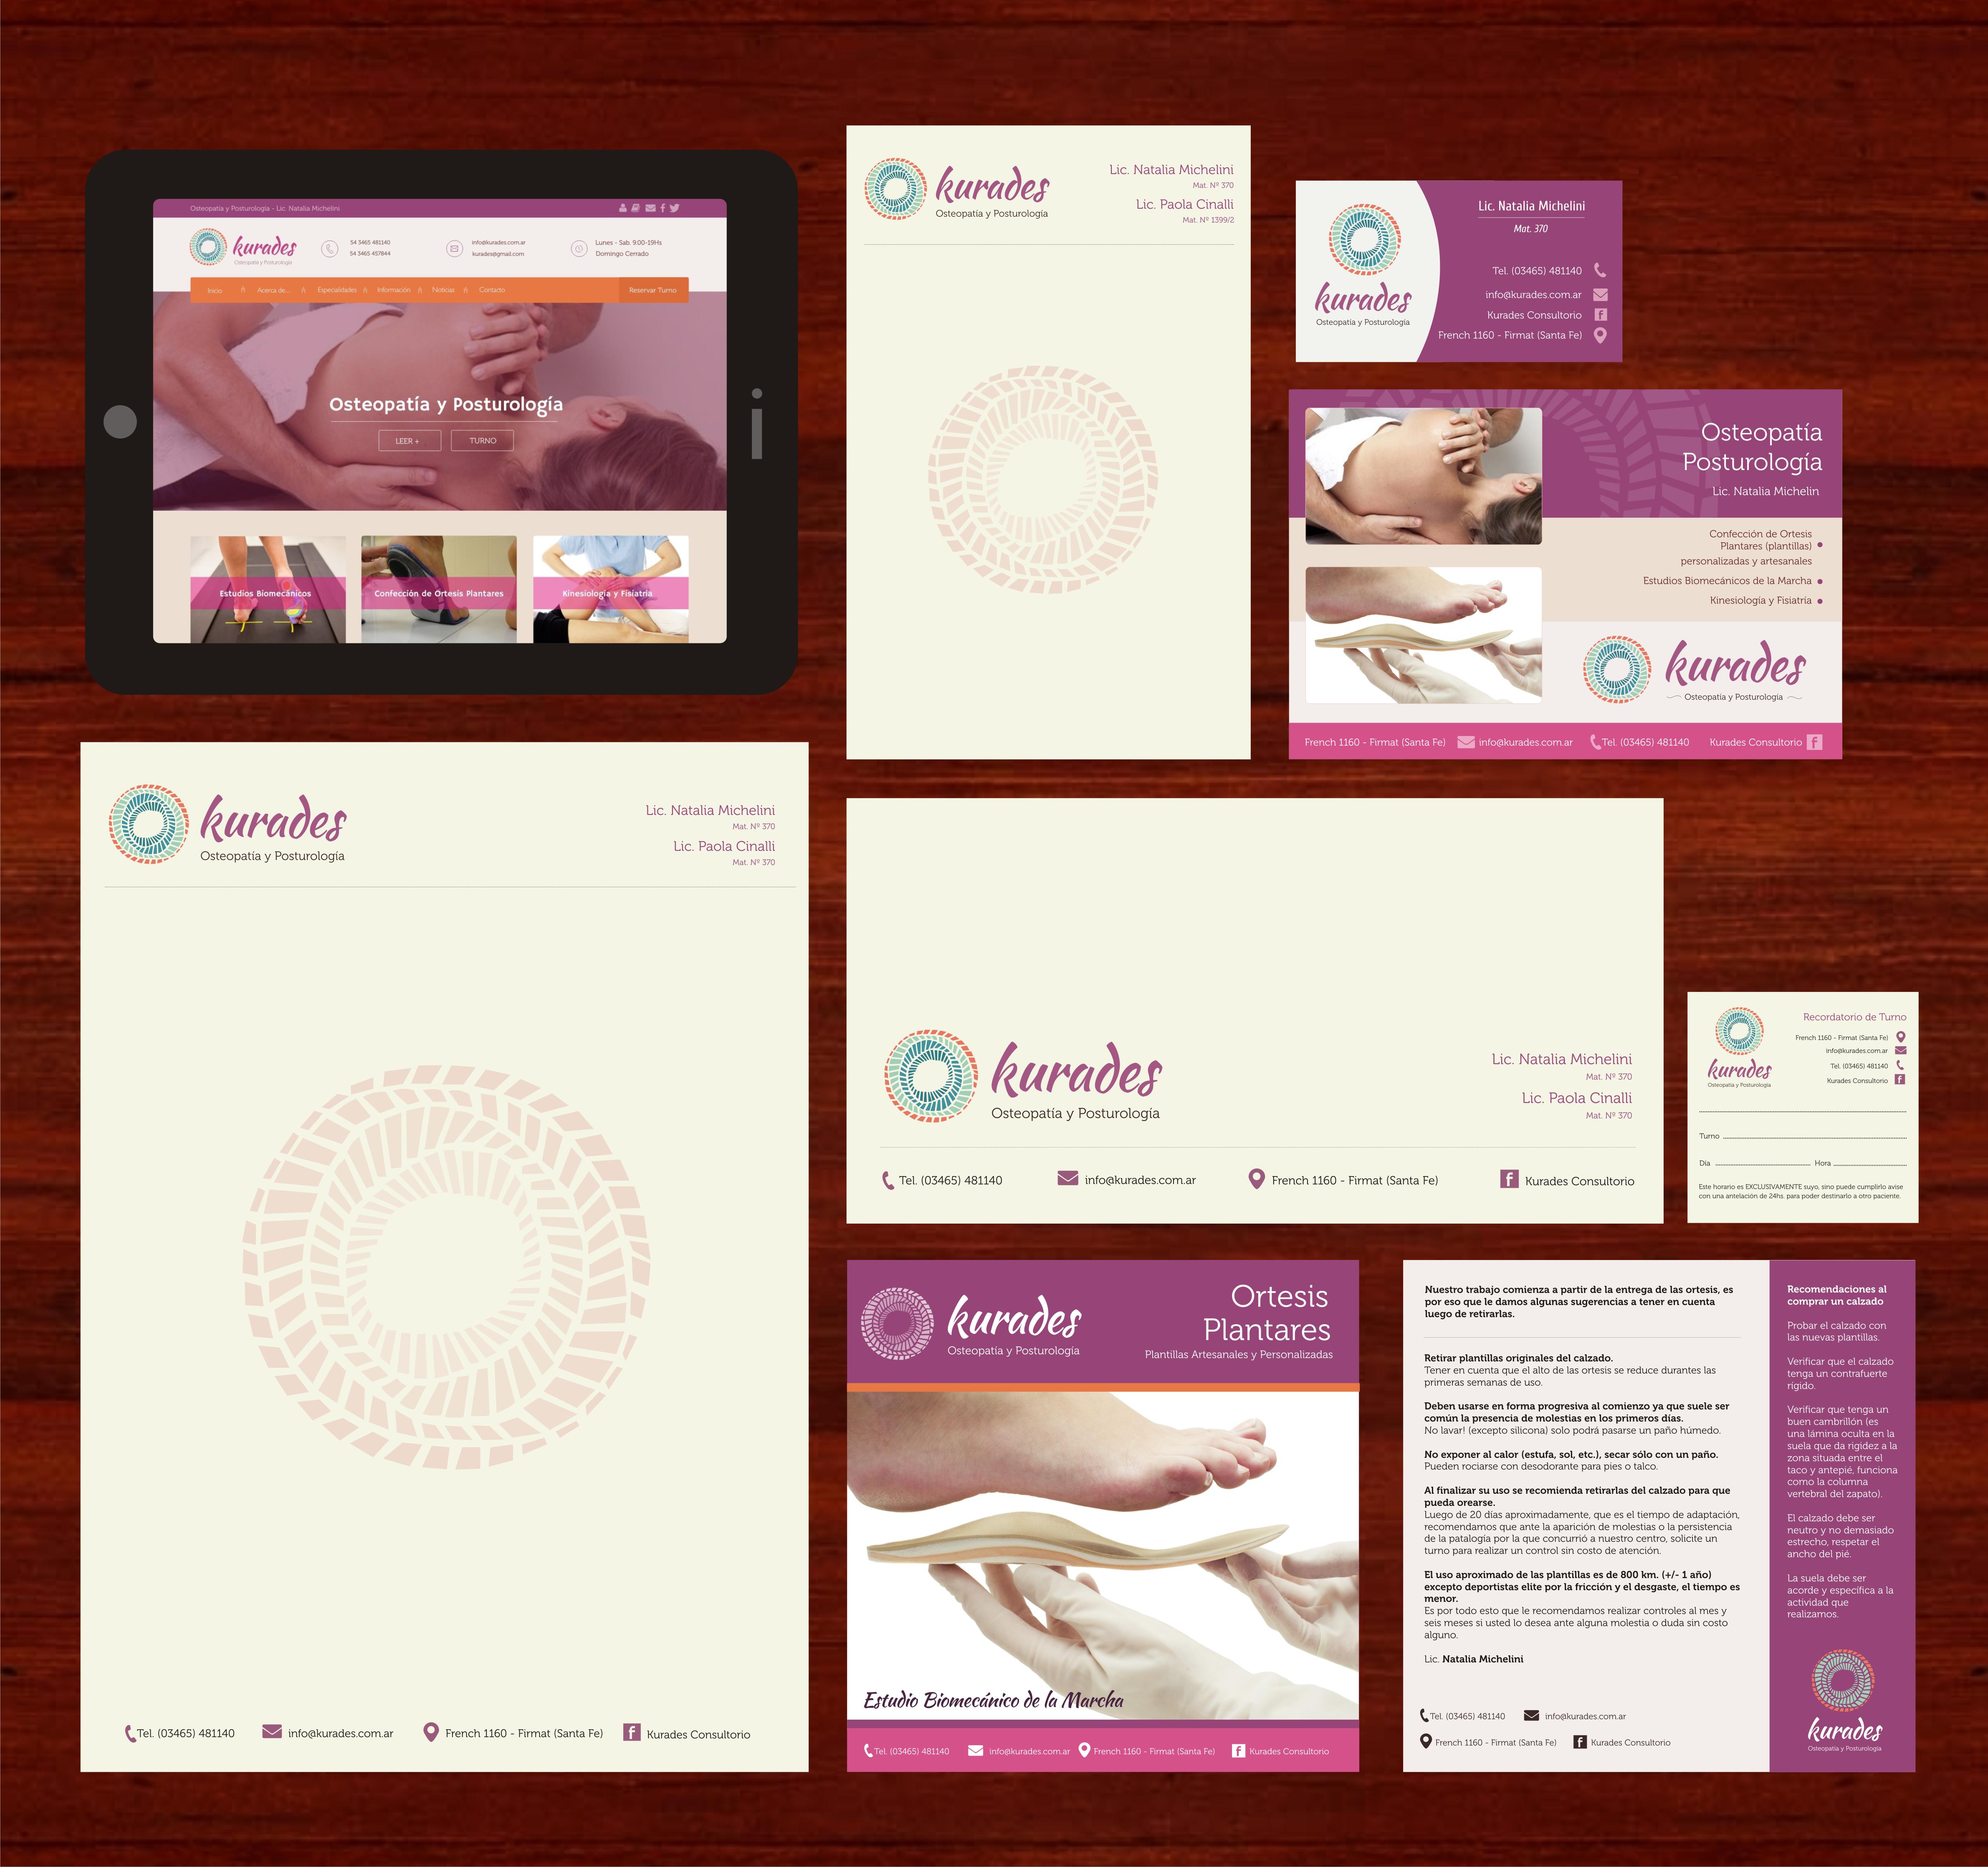 Diseño Web a Medida | Diseño Web Artístico y Creativo